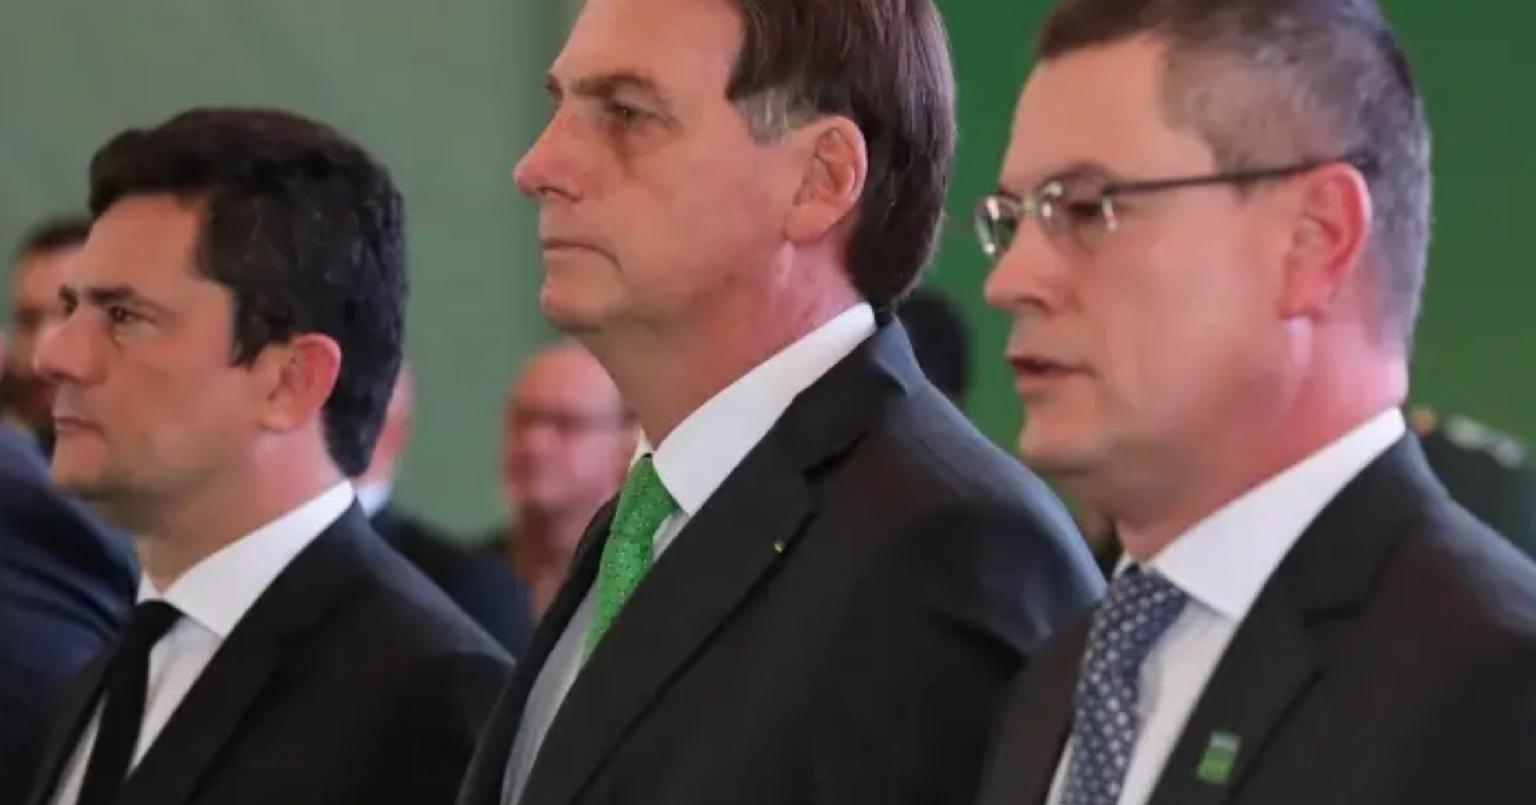 'Moro, Valeixo sai esta semana. Está decidido', escreveu Bolsonaro ao então ministro; veja